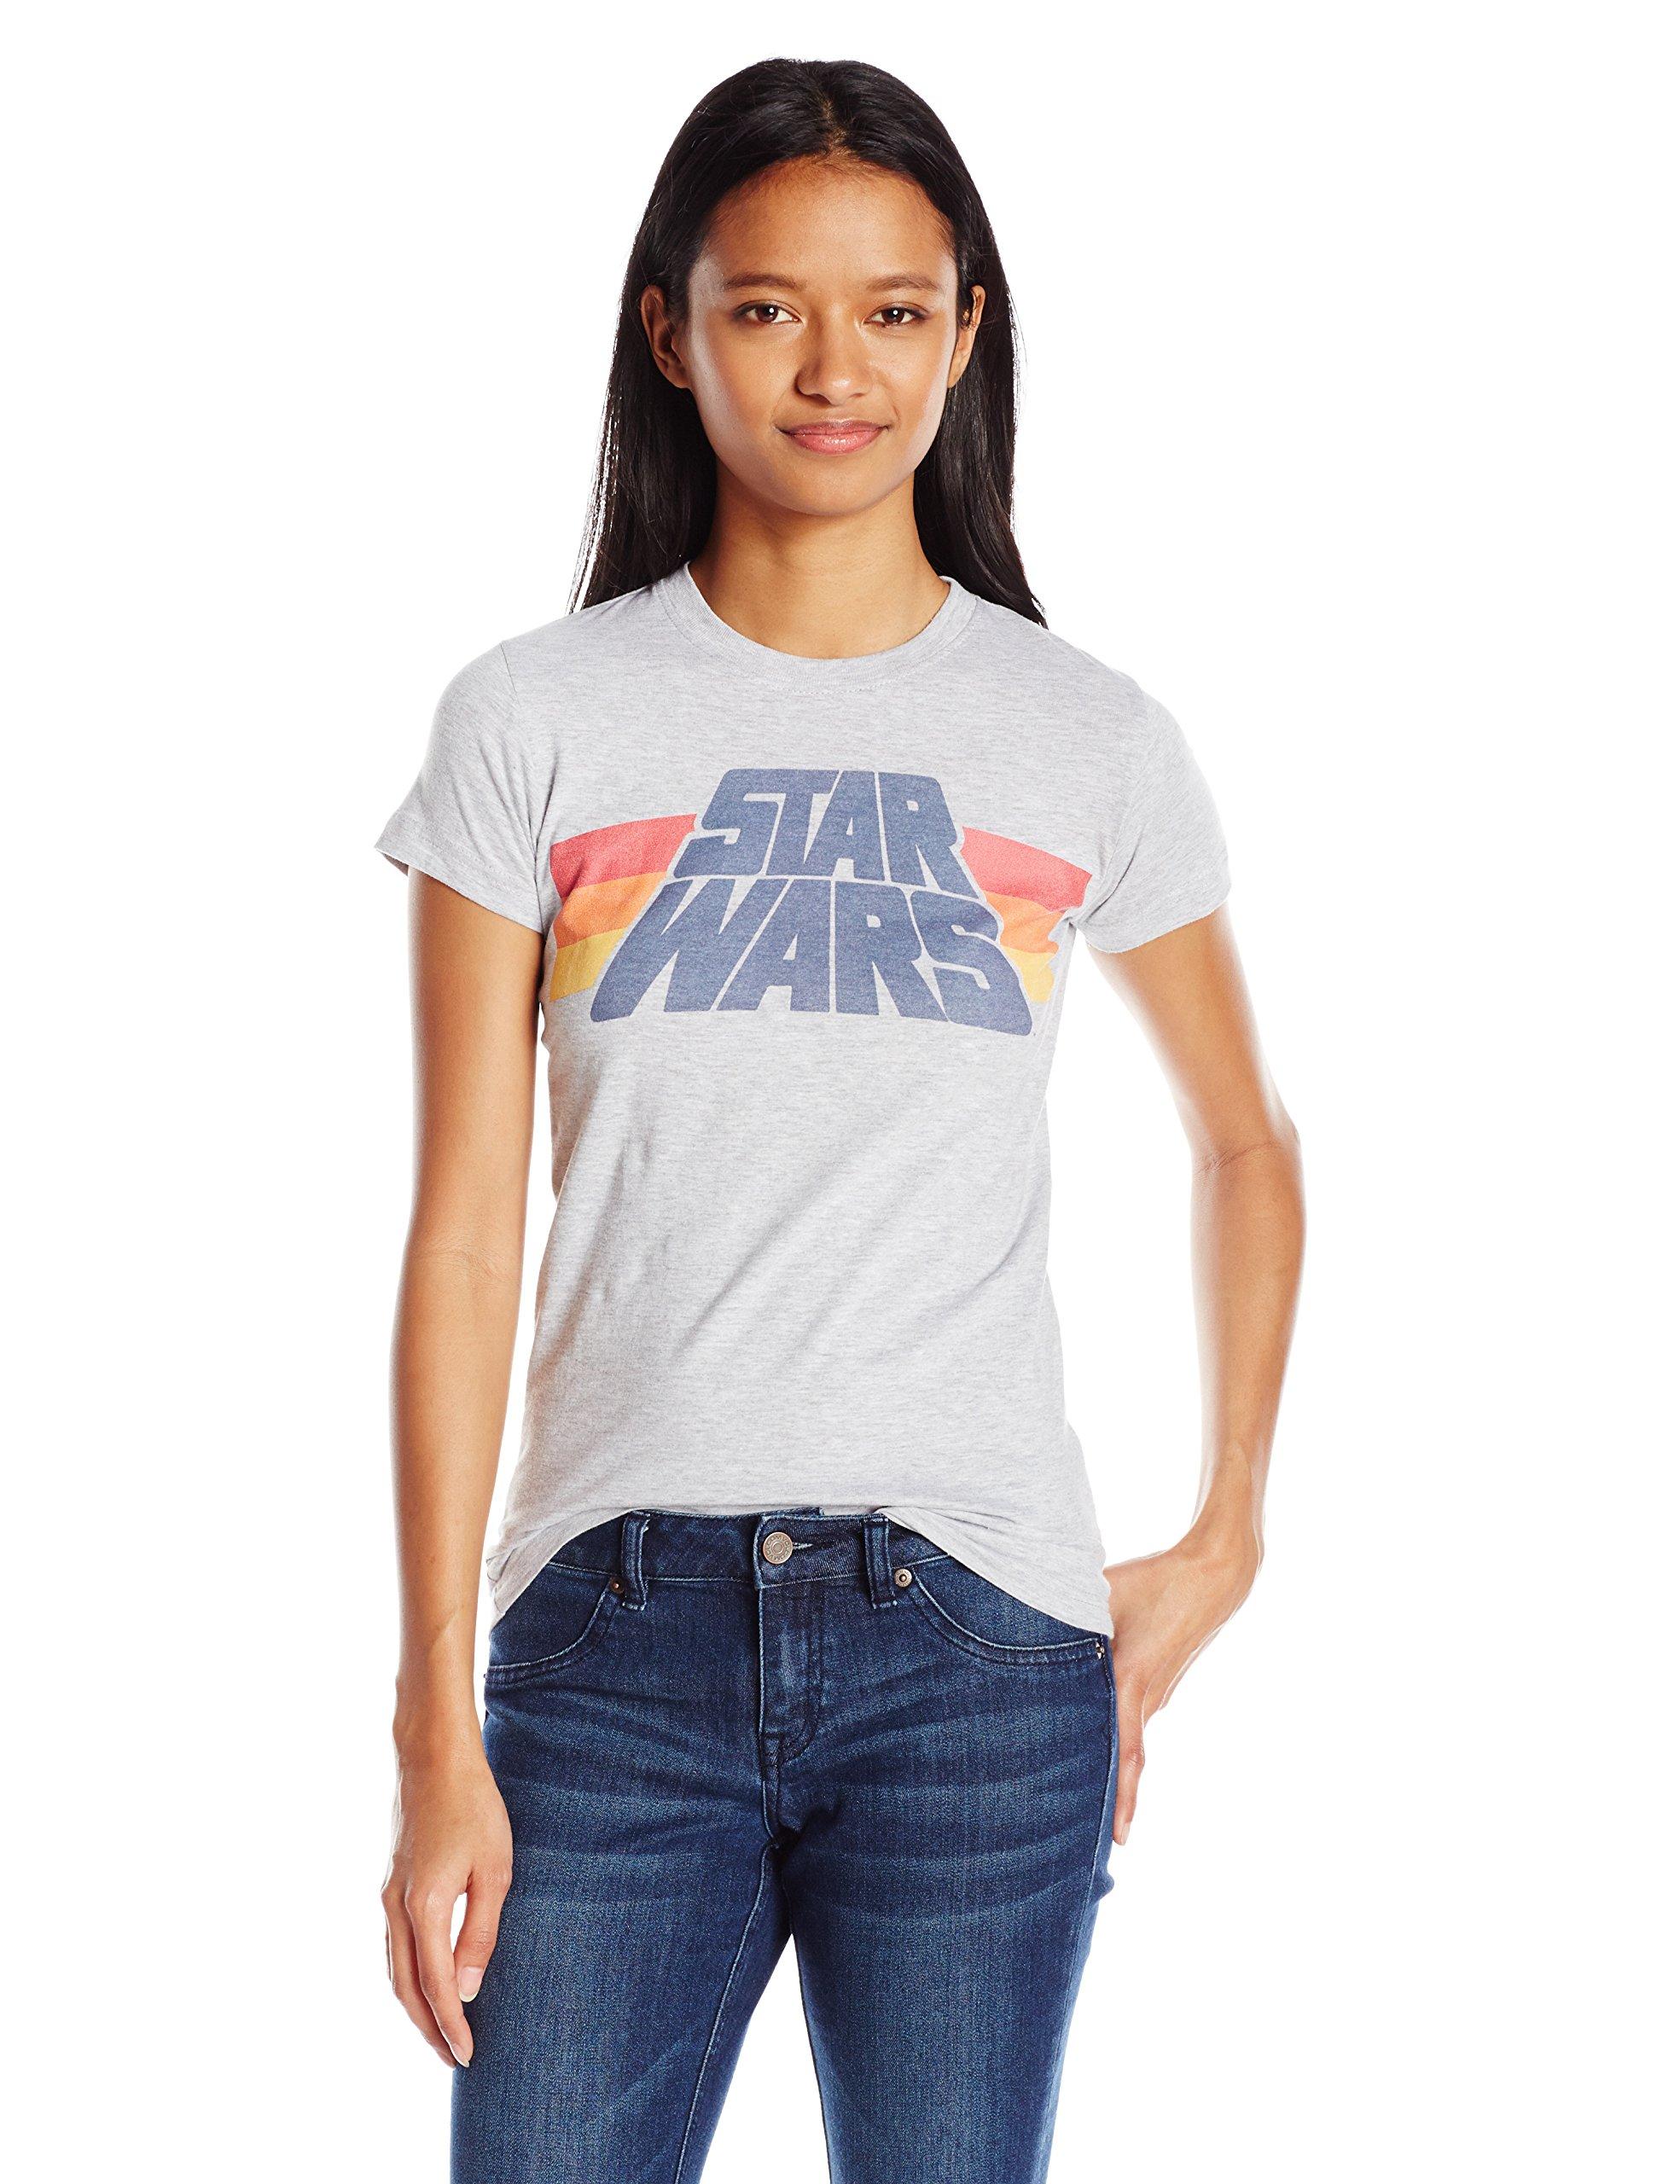 Star Wars Slant Logo Stripe Graphic Tshirt